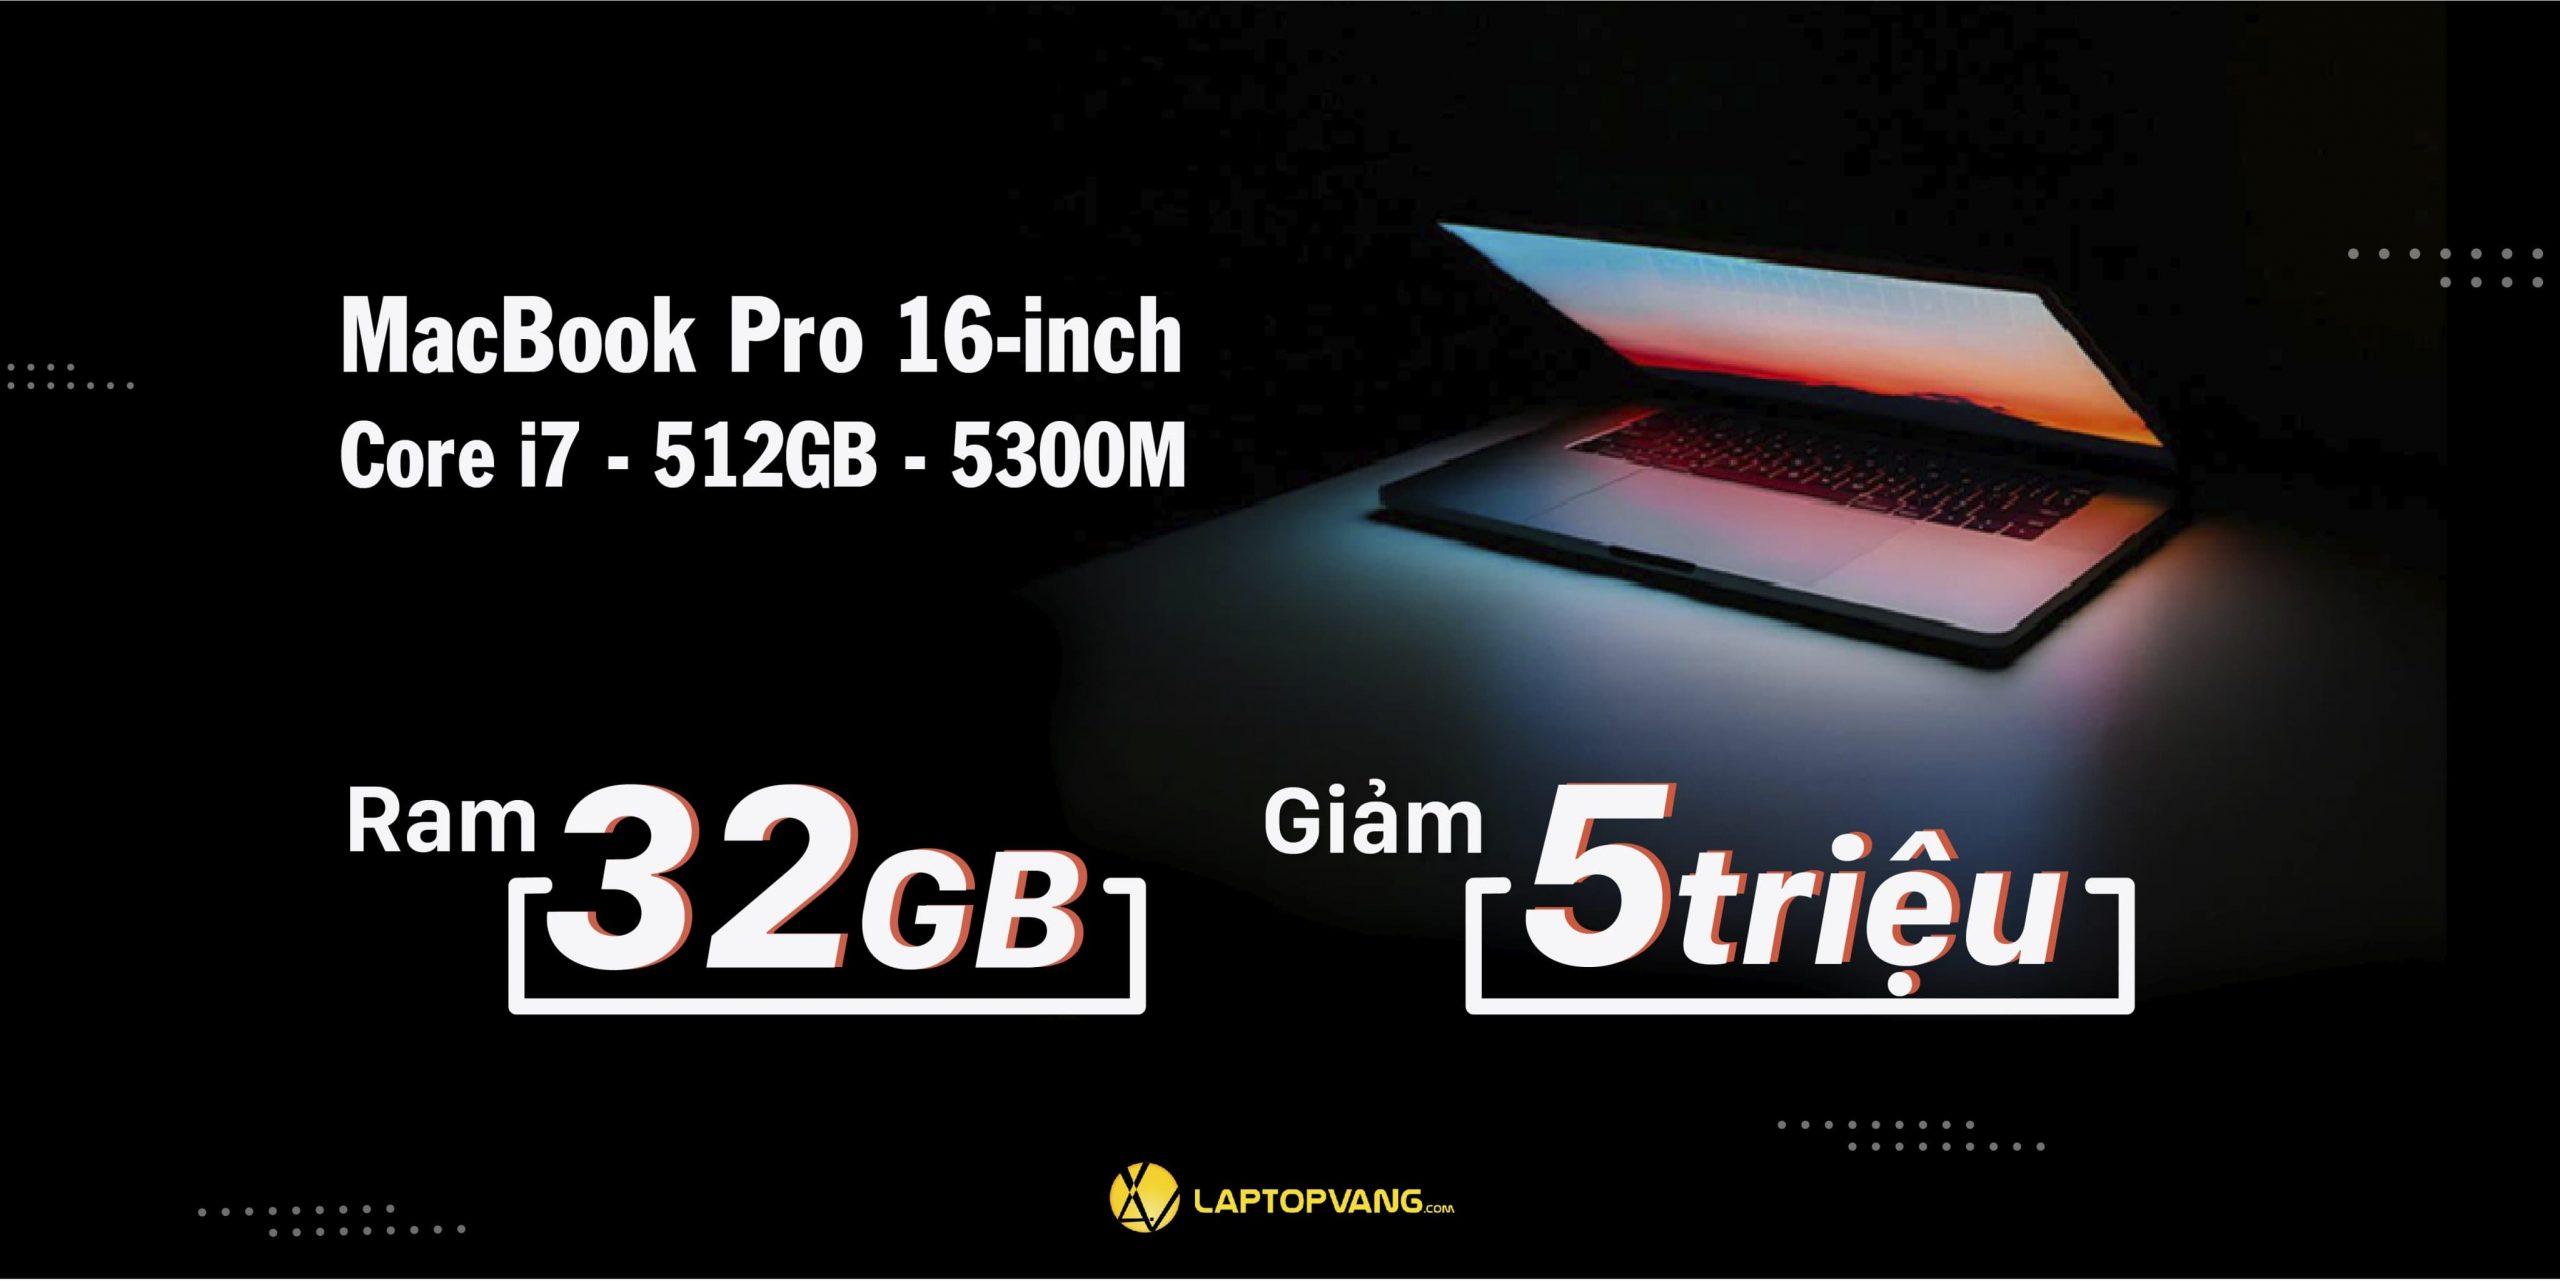 Macbook Pro 2019 16 Inch 32Gb RAM Giảm Ngay 5 Triệu